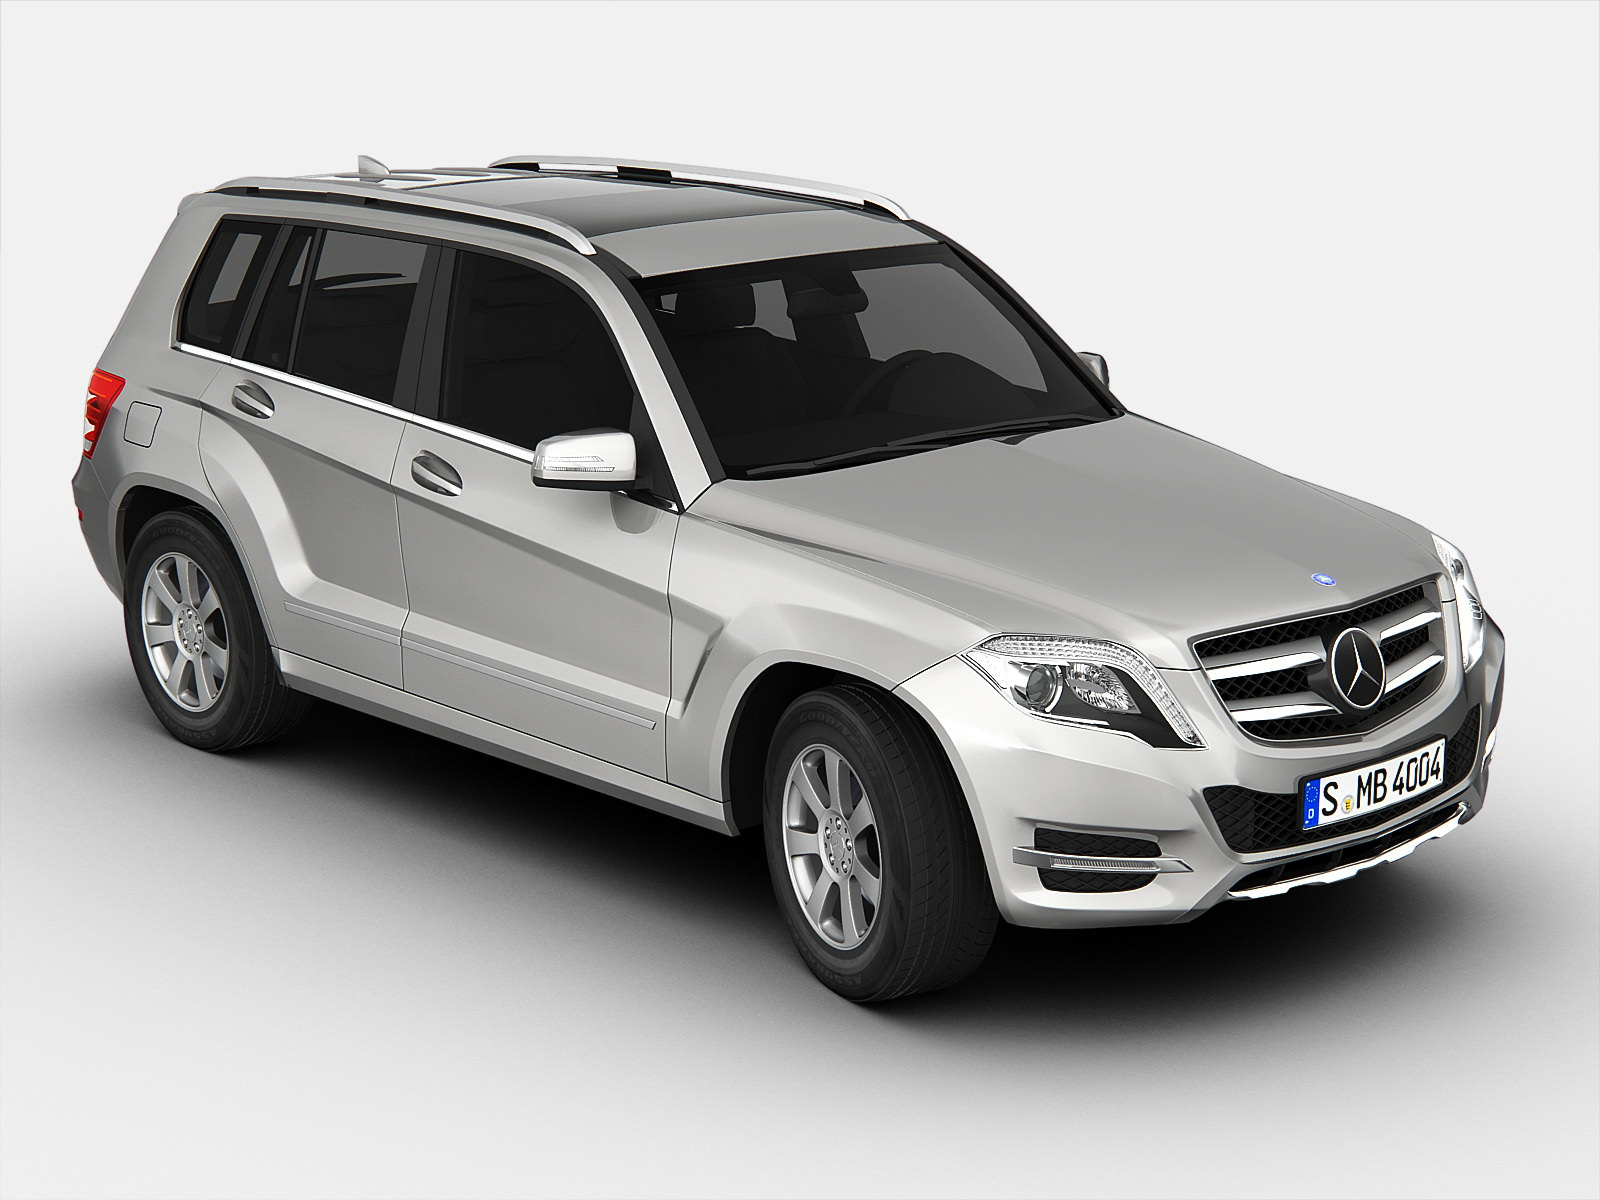 Mercedes benz glk class 2013 3d model max obj 3ds fbx for Mercedes benz suv models 2013